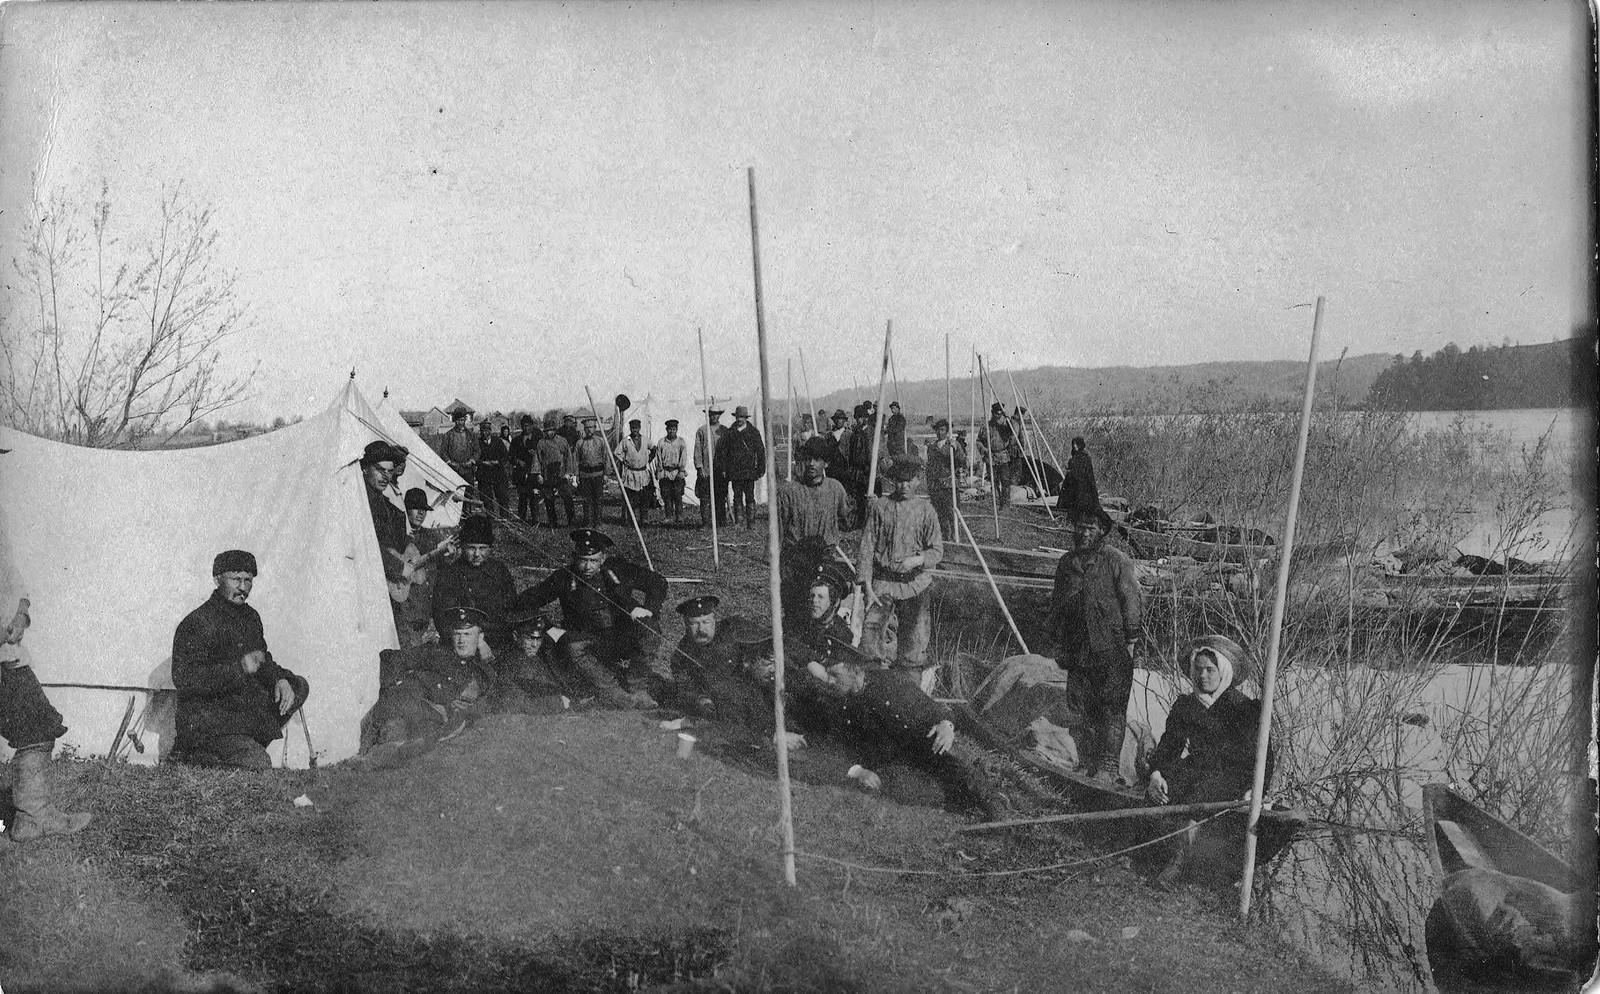 10. Палаточный лагерь землеустроительной экспедиции на реке Мрассу около порогов.